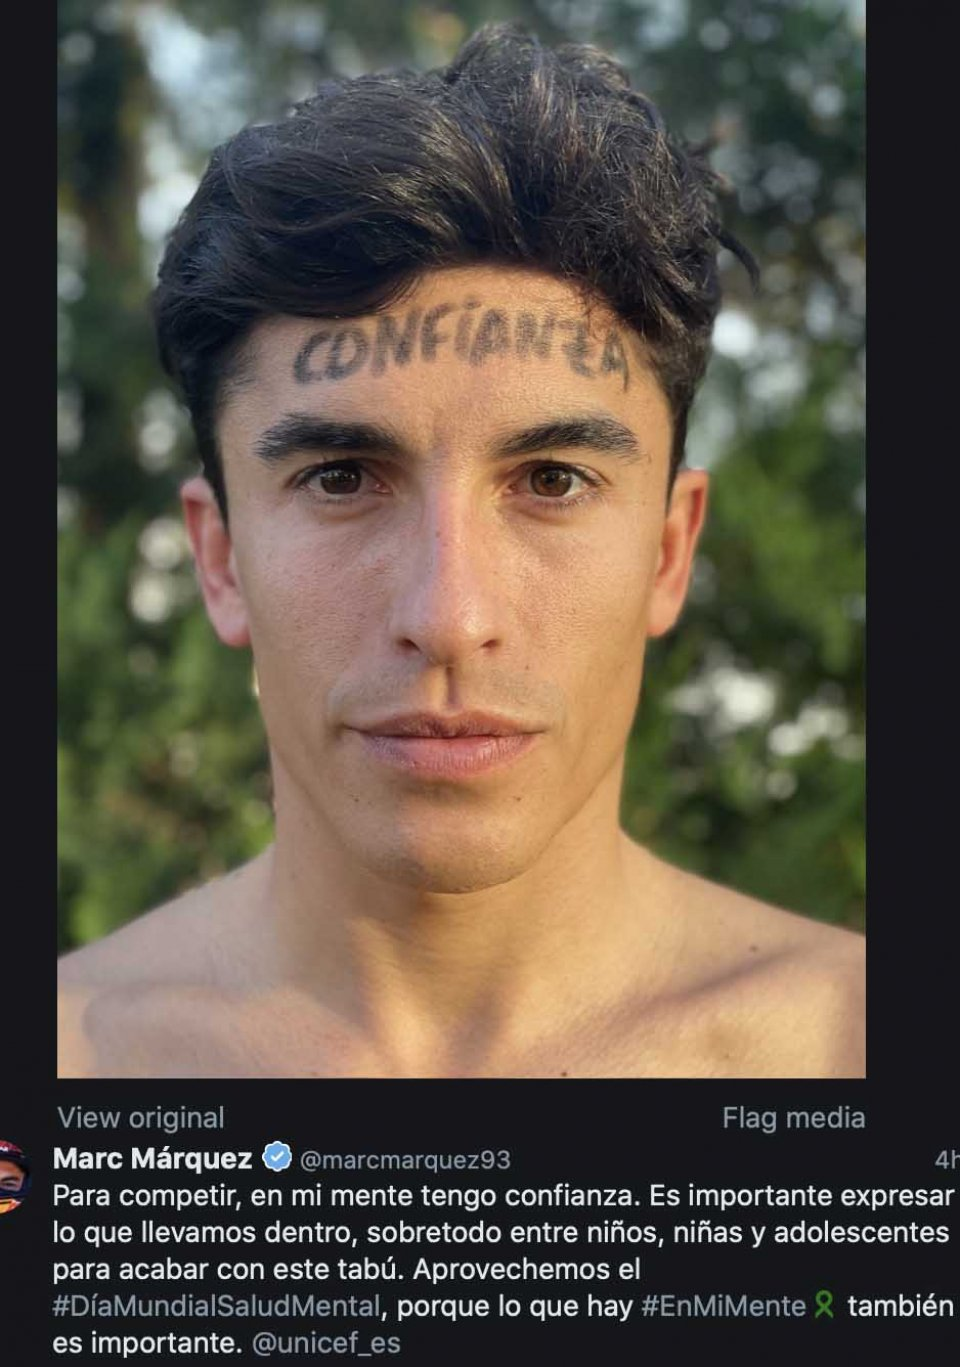 MotoGP: Marquez lancia un messaggio per l'Unicef: la fiducia è importante